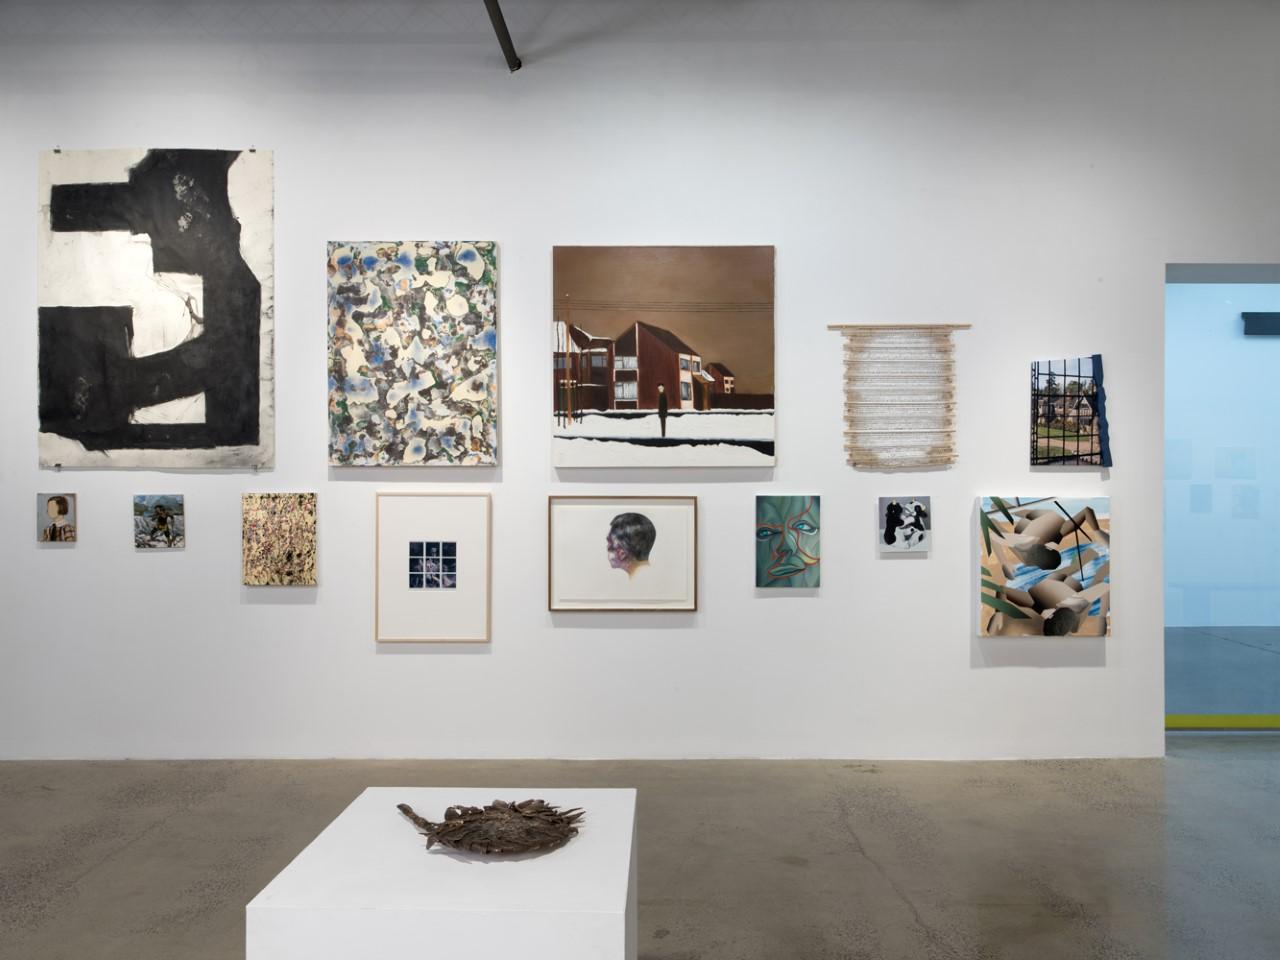 Da un'altra prospettiva #13. L'importanza dell'allestimento nel mondo dell'arte: Edoardo Monti